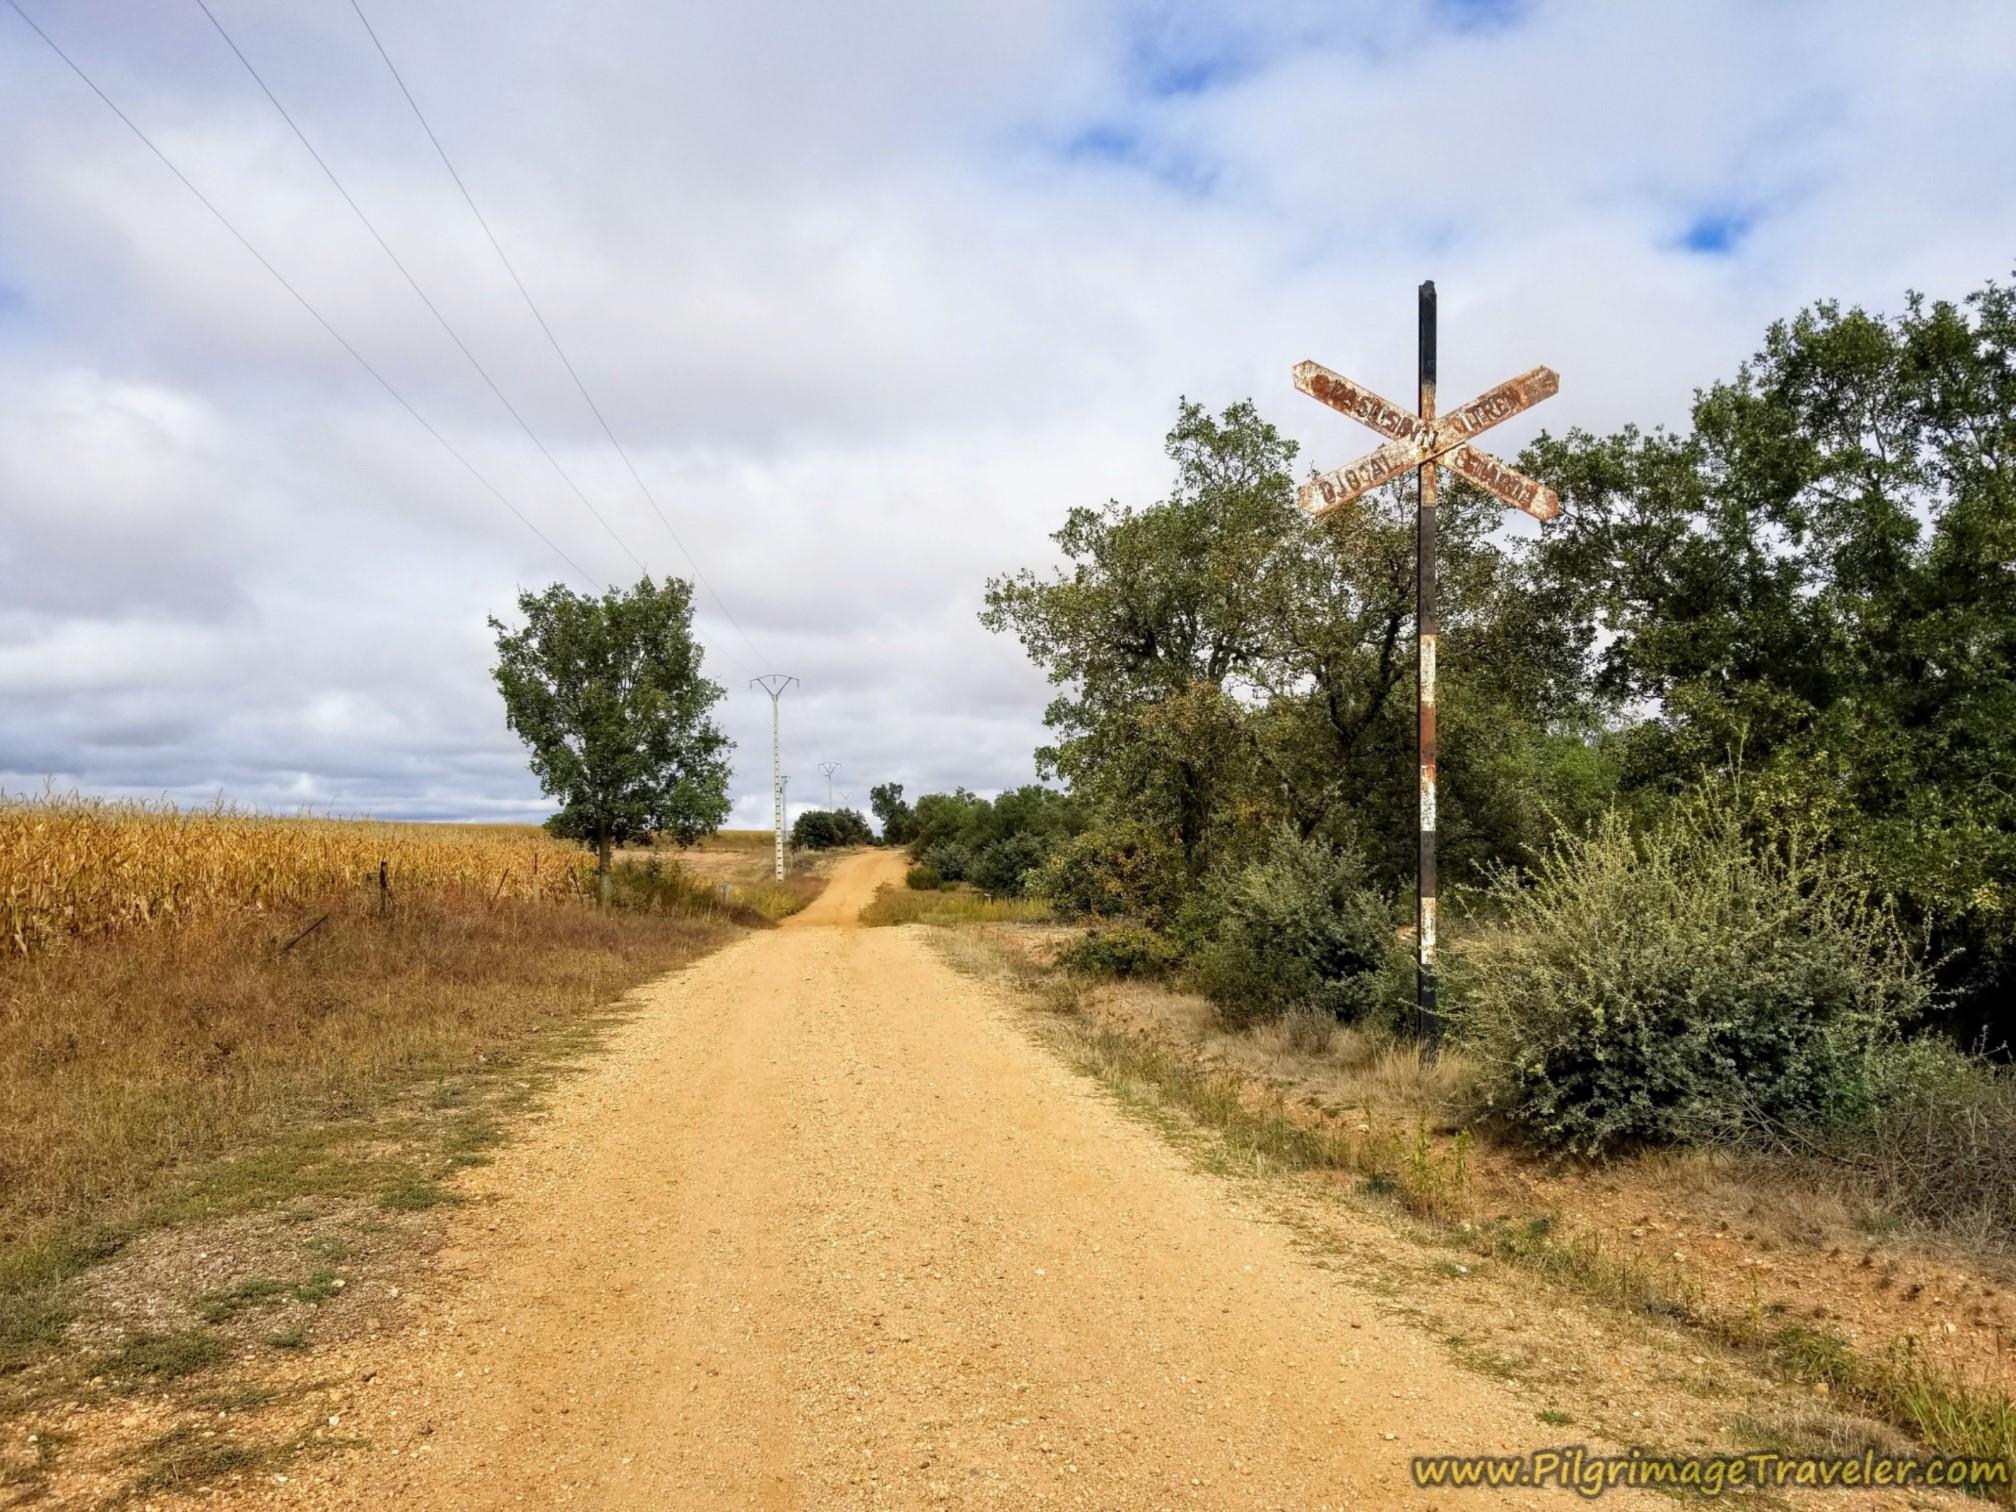 Paralleling Railroad Track on the Vía de la Plata from Cañedino to Villanueva de Campeán